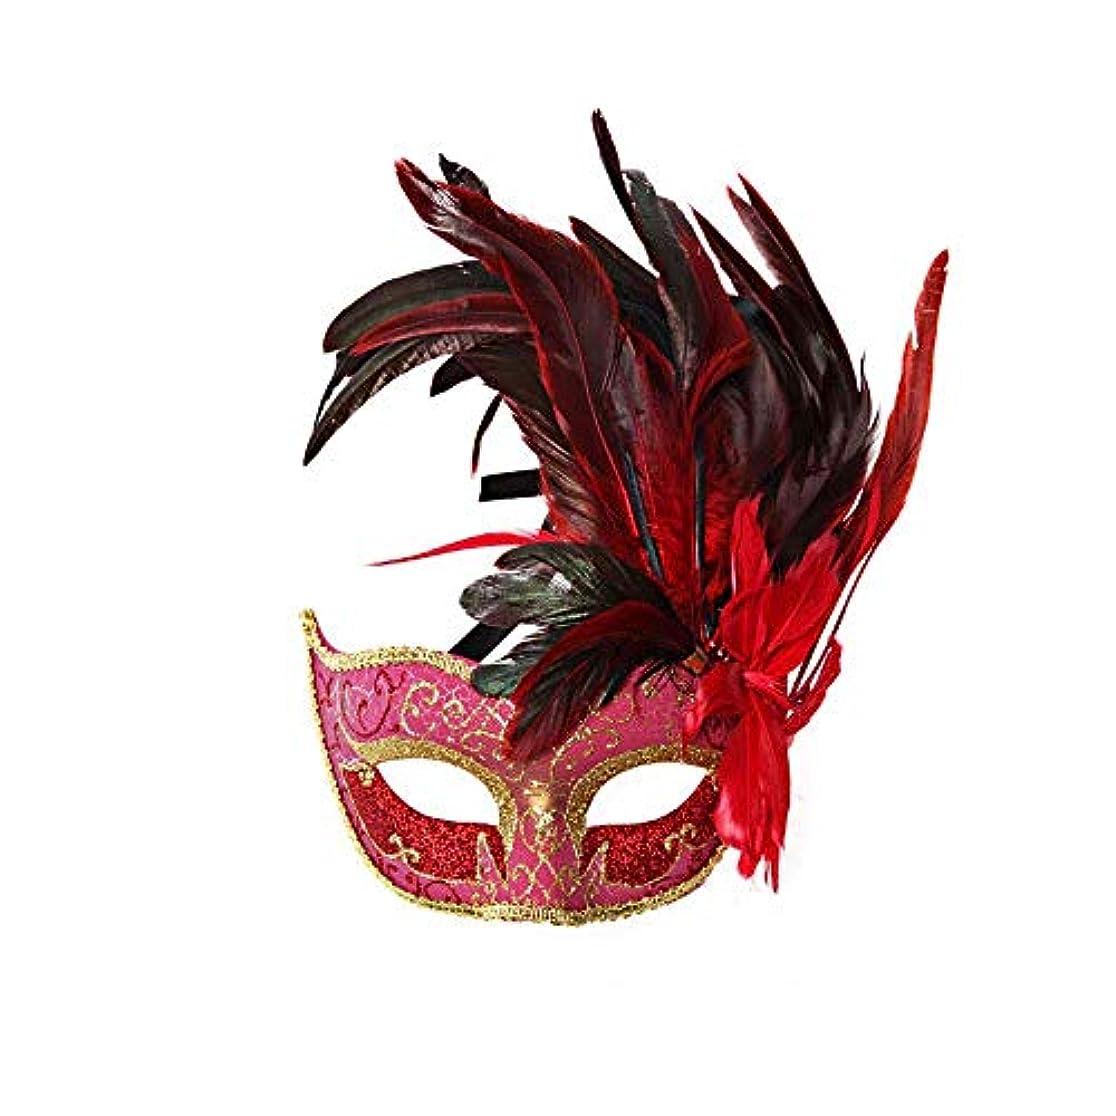 元気ゆでる地質学Nanle ハロウィンマスクハーフフェザーマスクベニスプリンセスマスク美容レース仮面ライダーコスプレ (色 : Style A red)